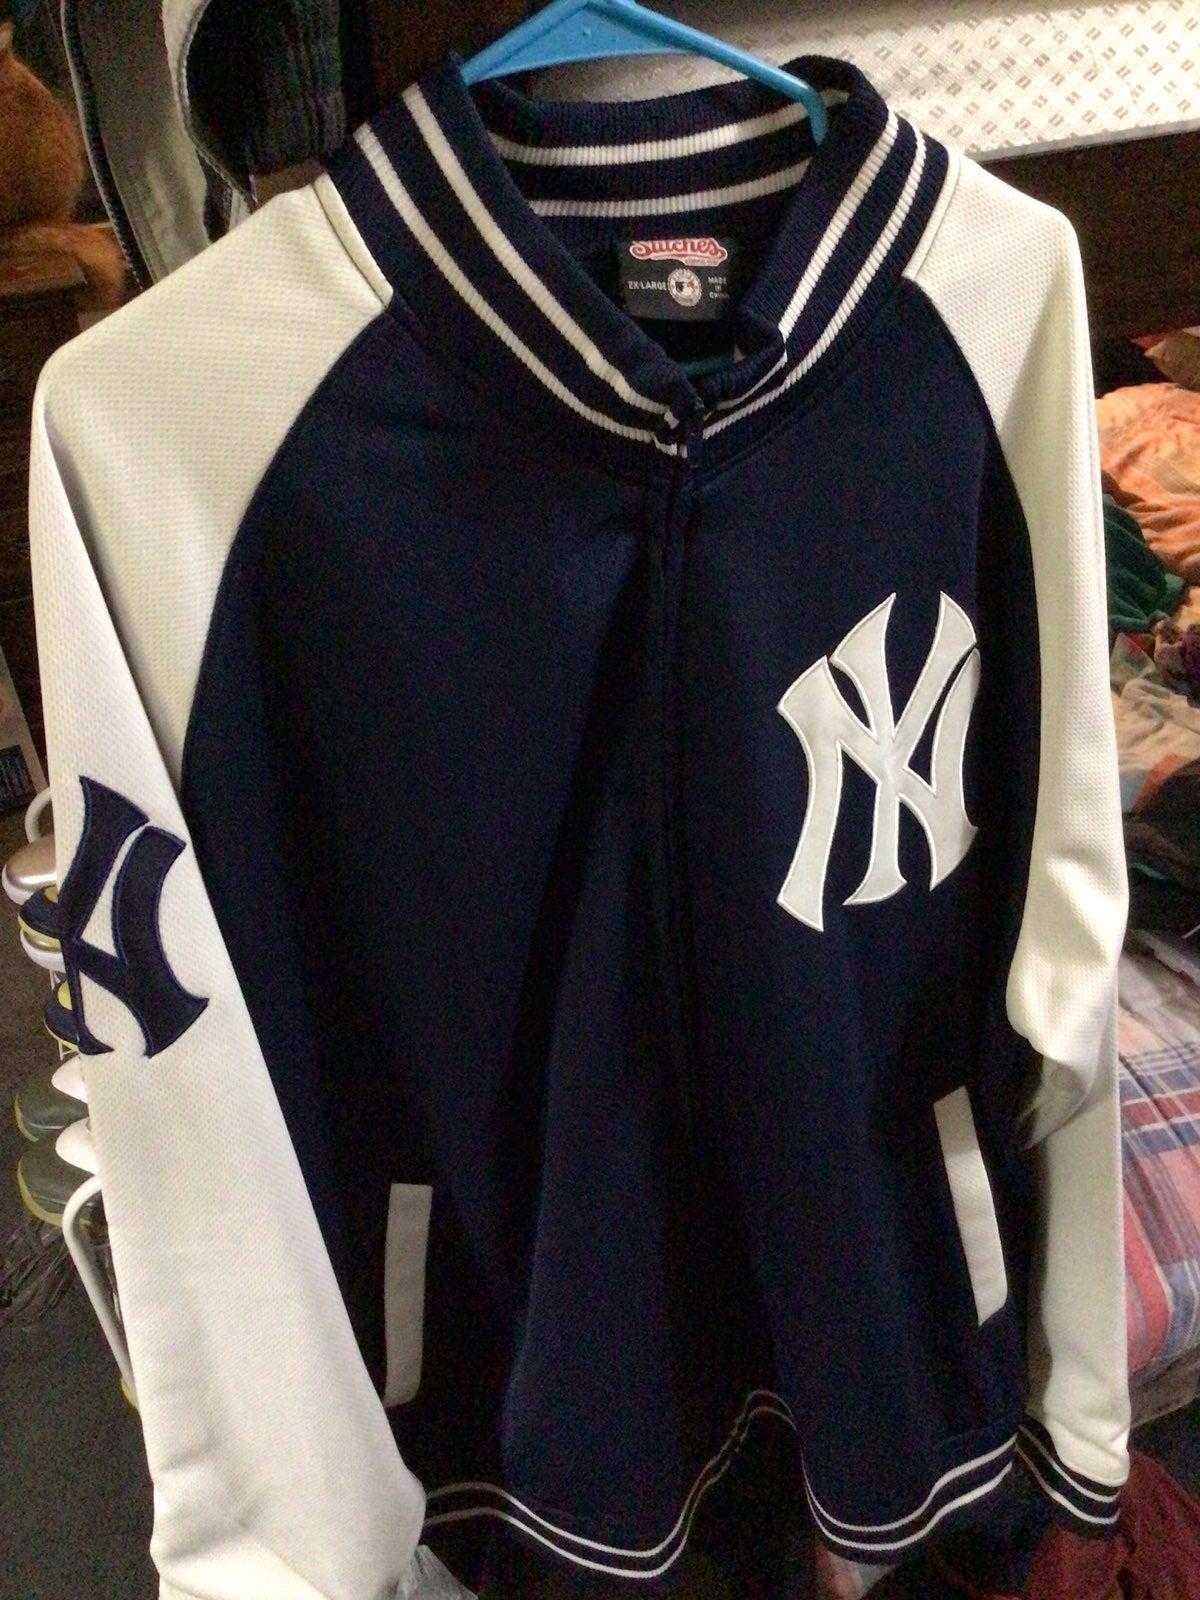 Stitches Ny yankees track jacket 2xl